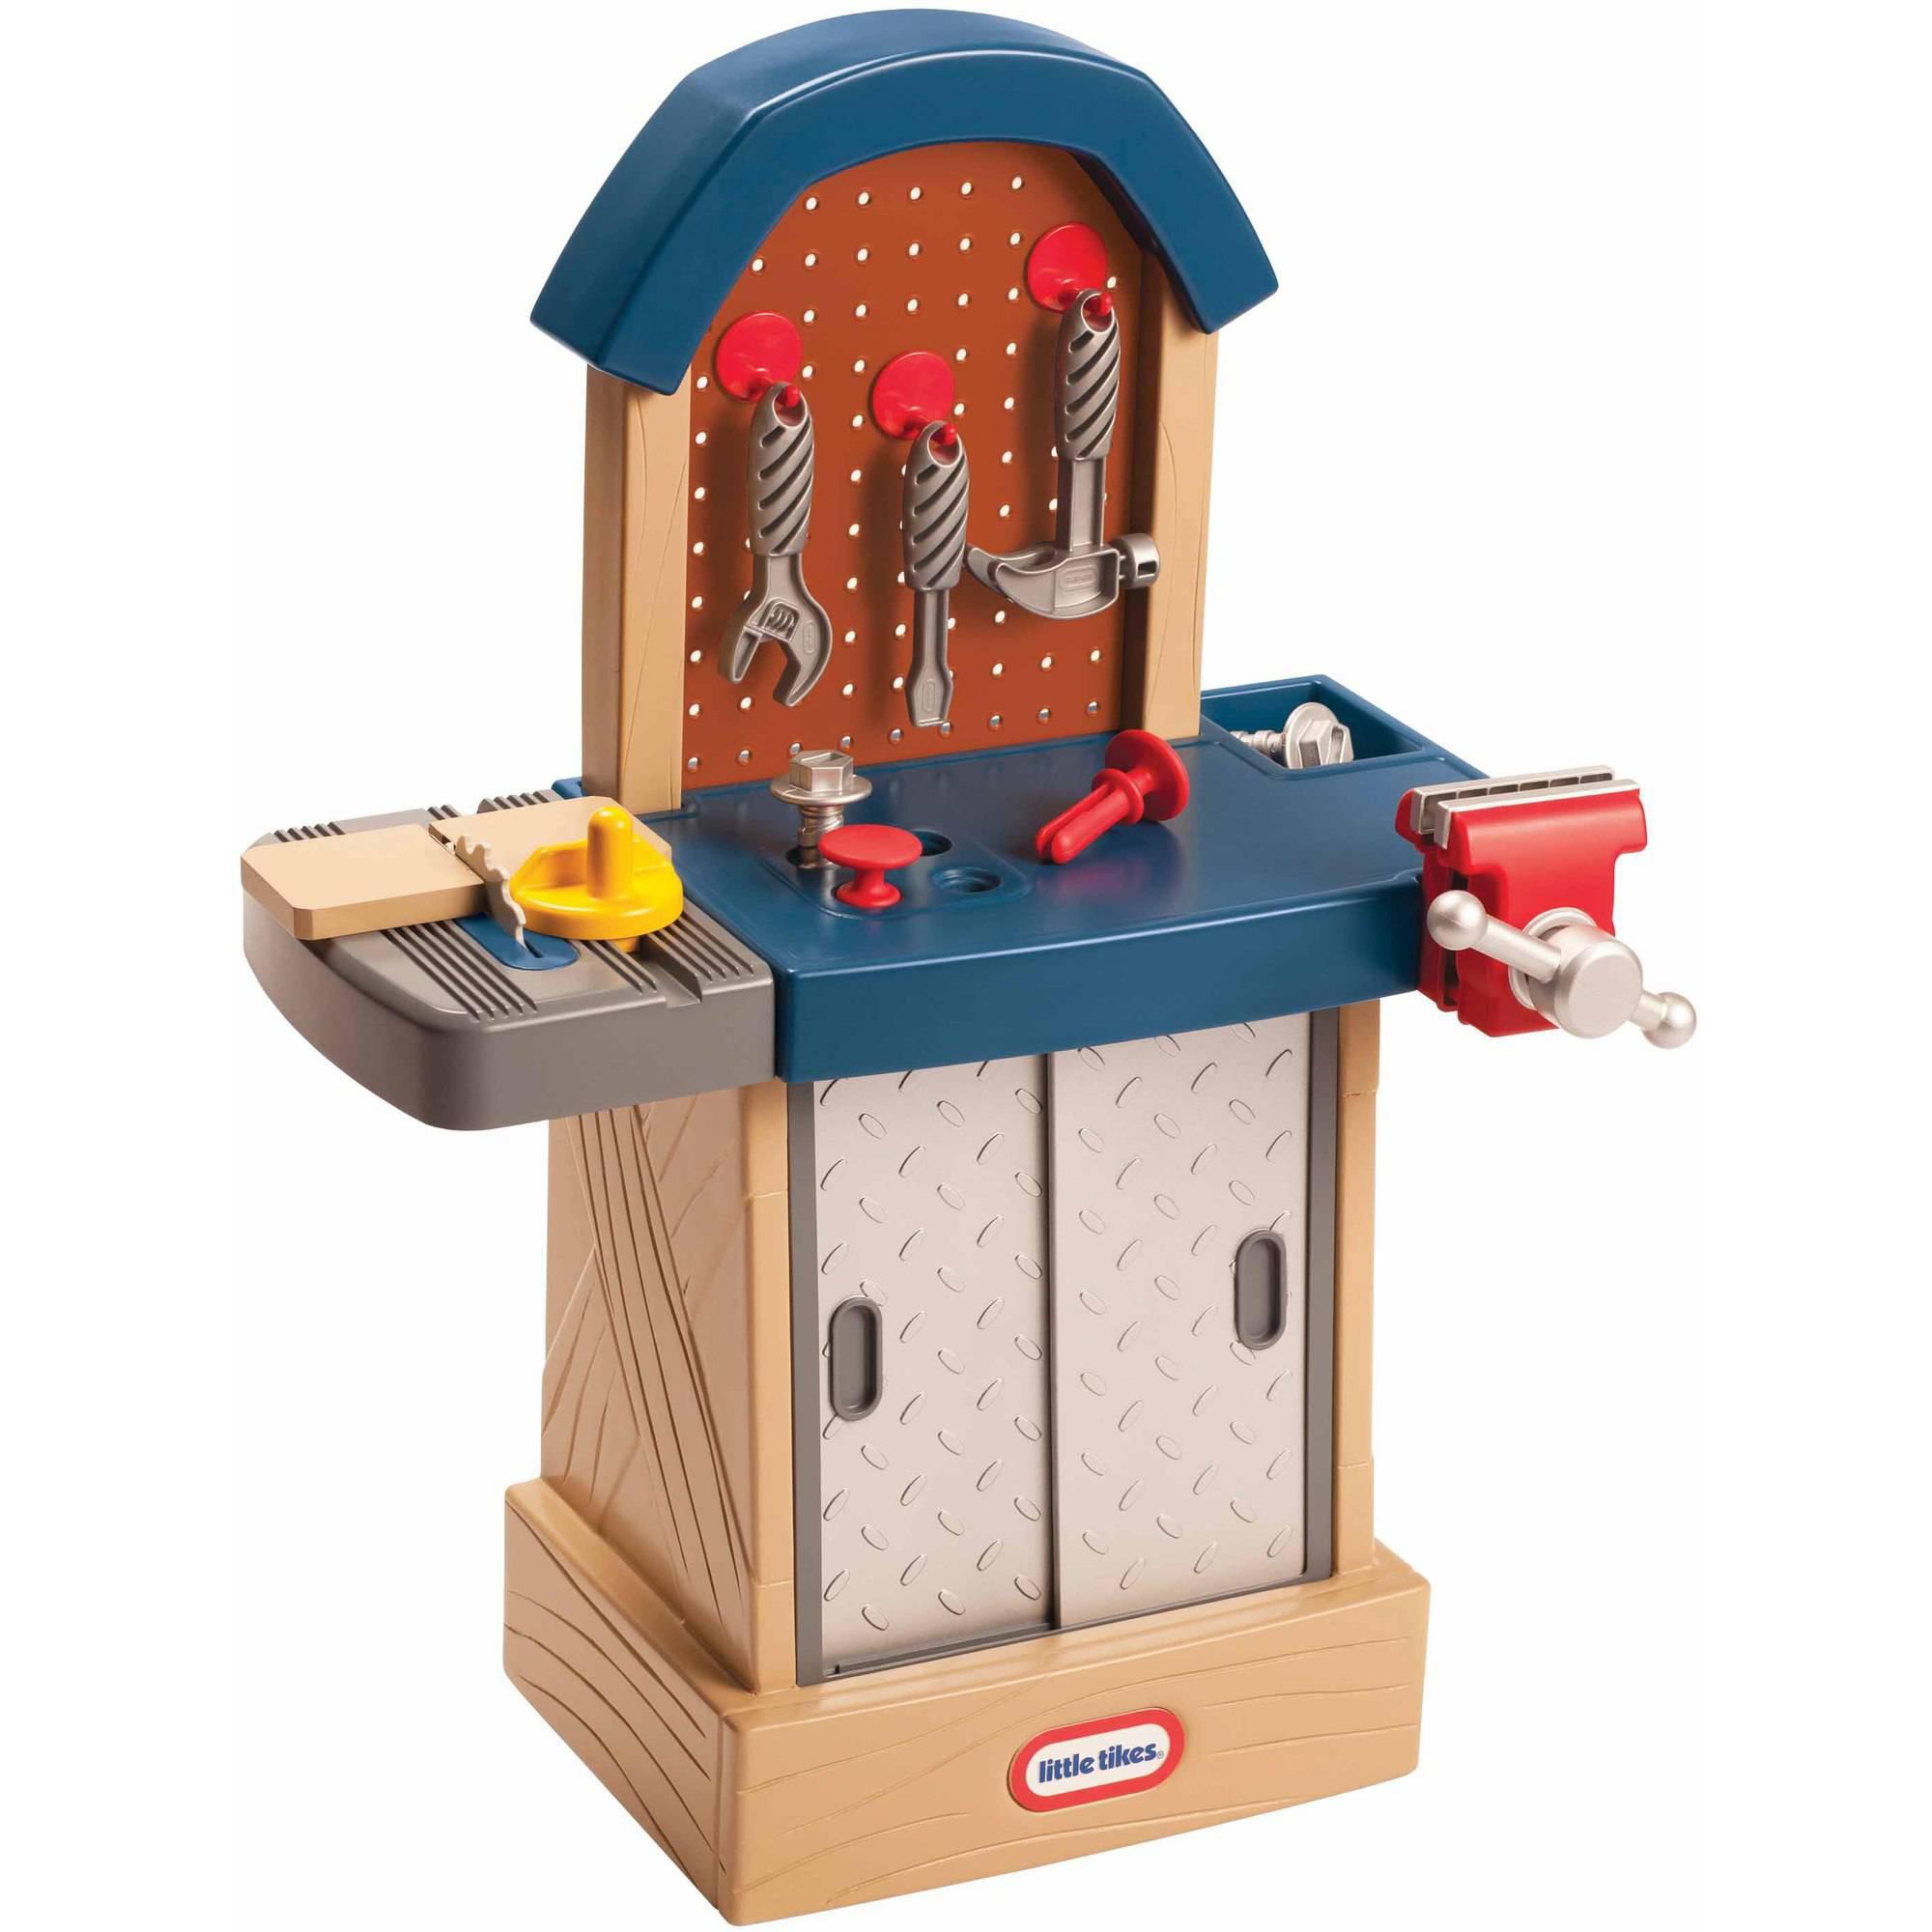 Little Tikes Tough Workshop Building Toys